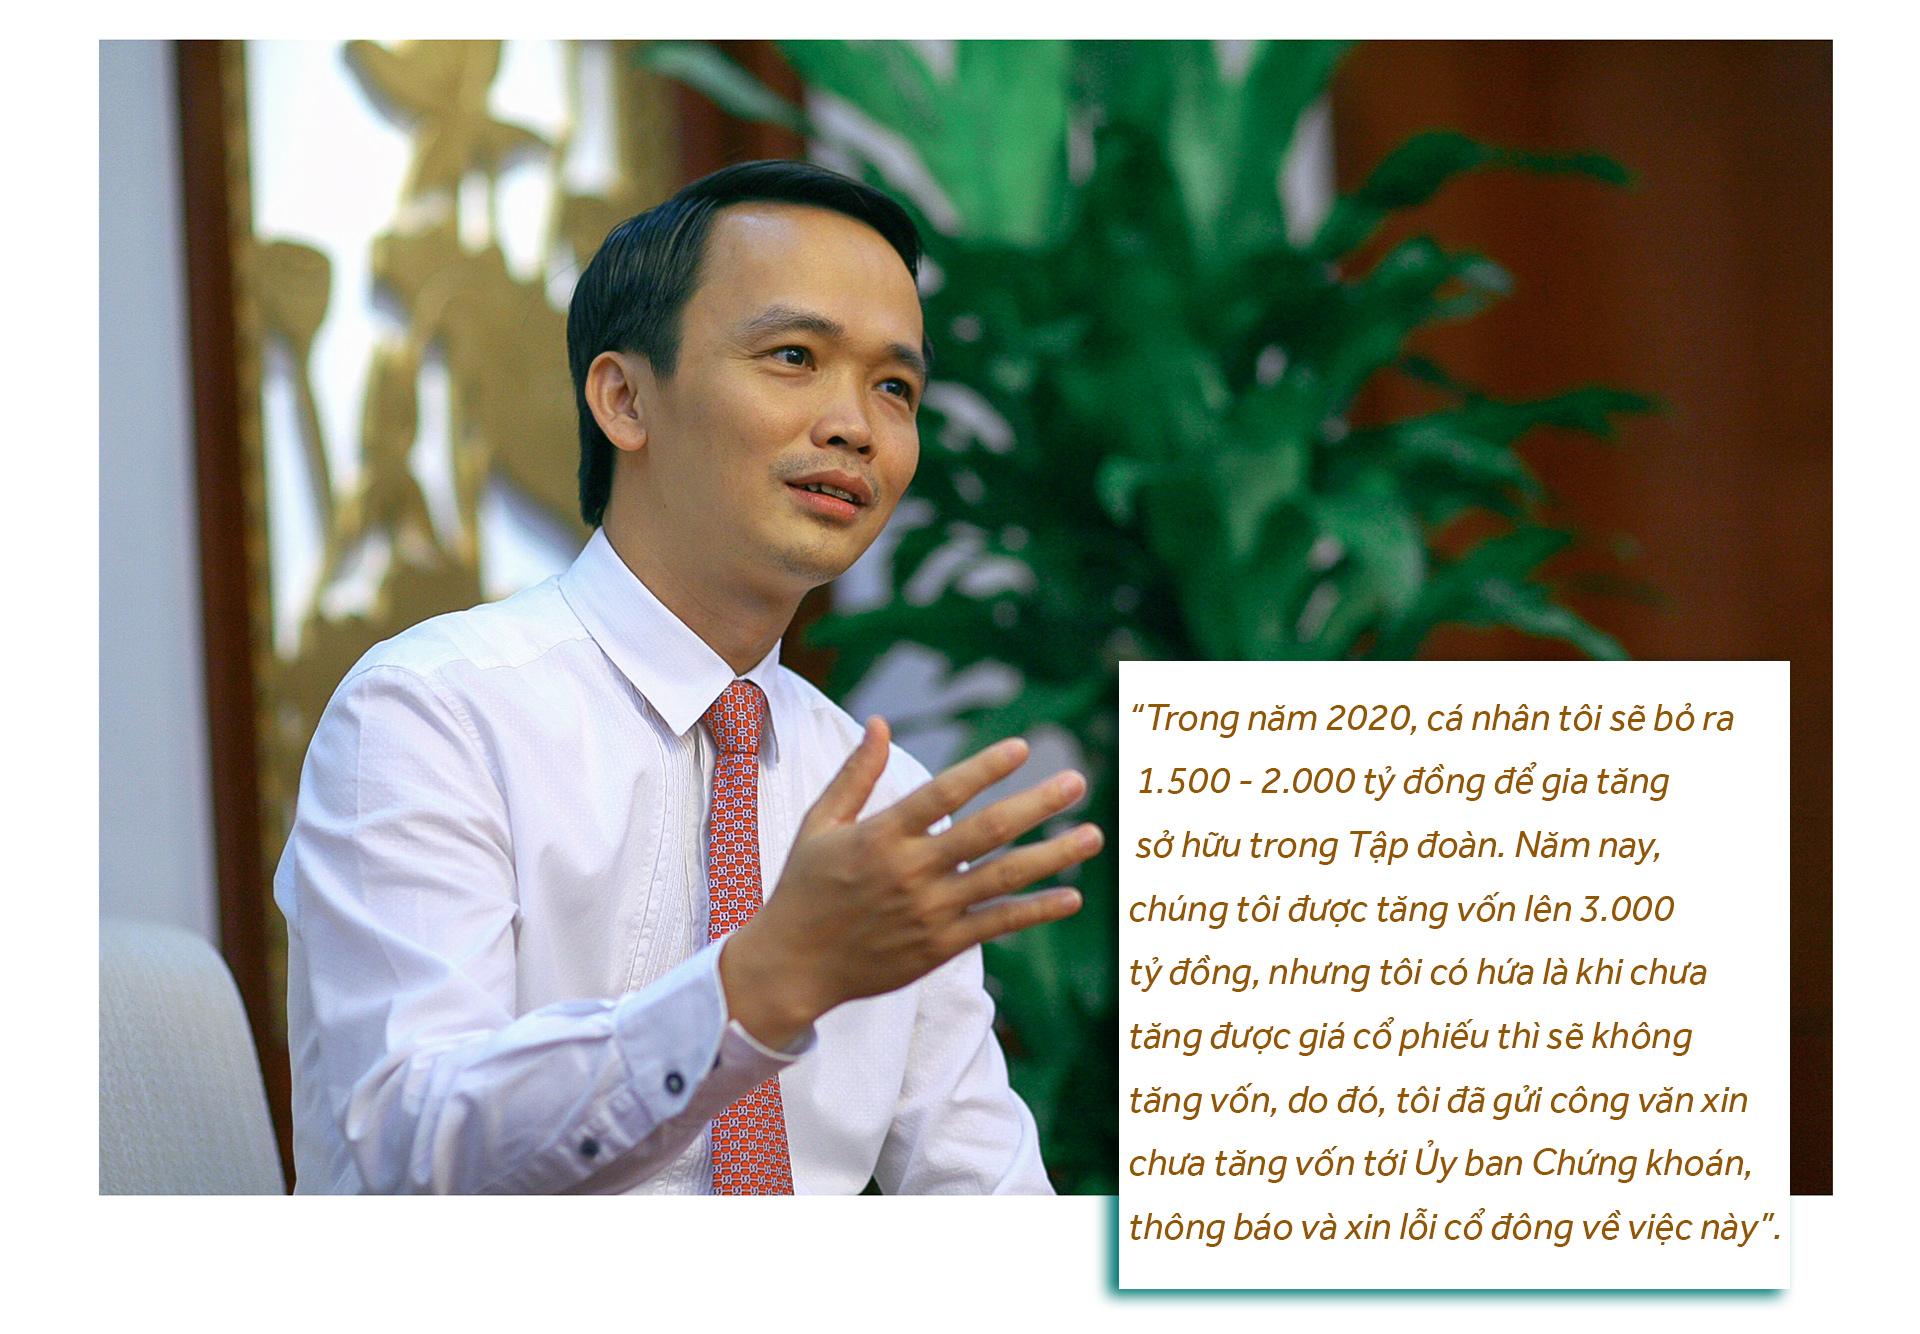 """Tỷ phú Trịnh Văn Quyết: Phát ngôn """"sốc"""" – Làm cấp tốc - 3"""